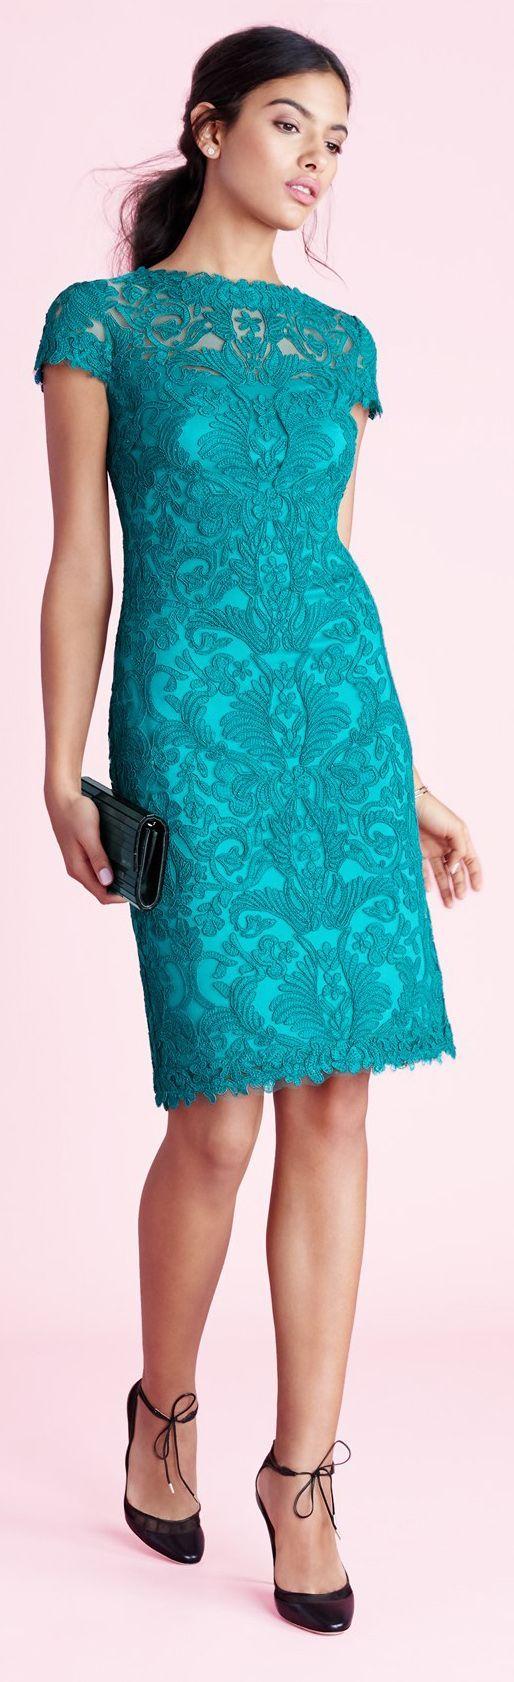 modelos dicas vestidos renda 7